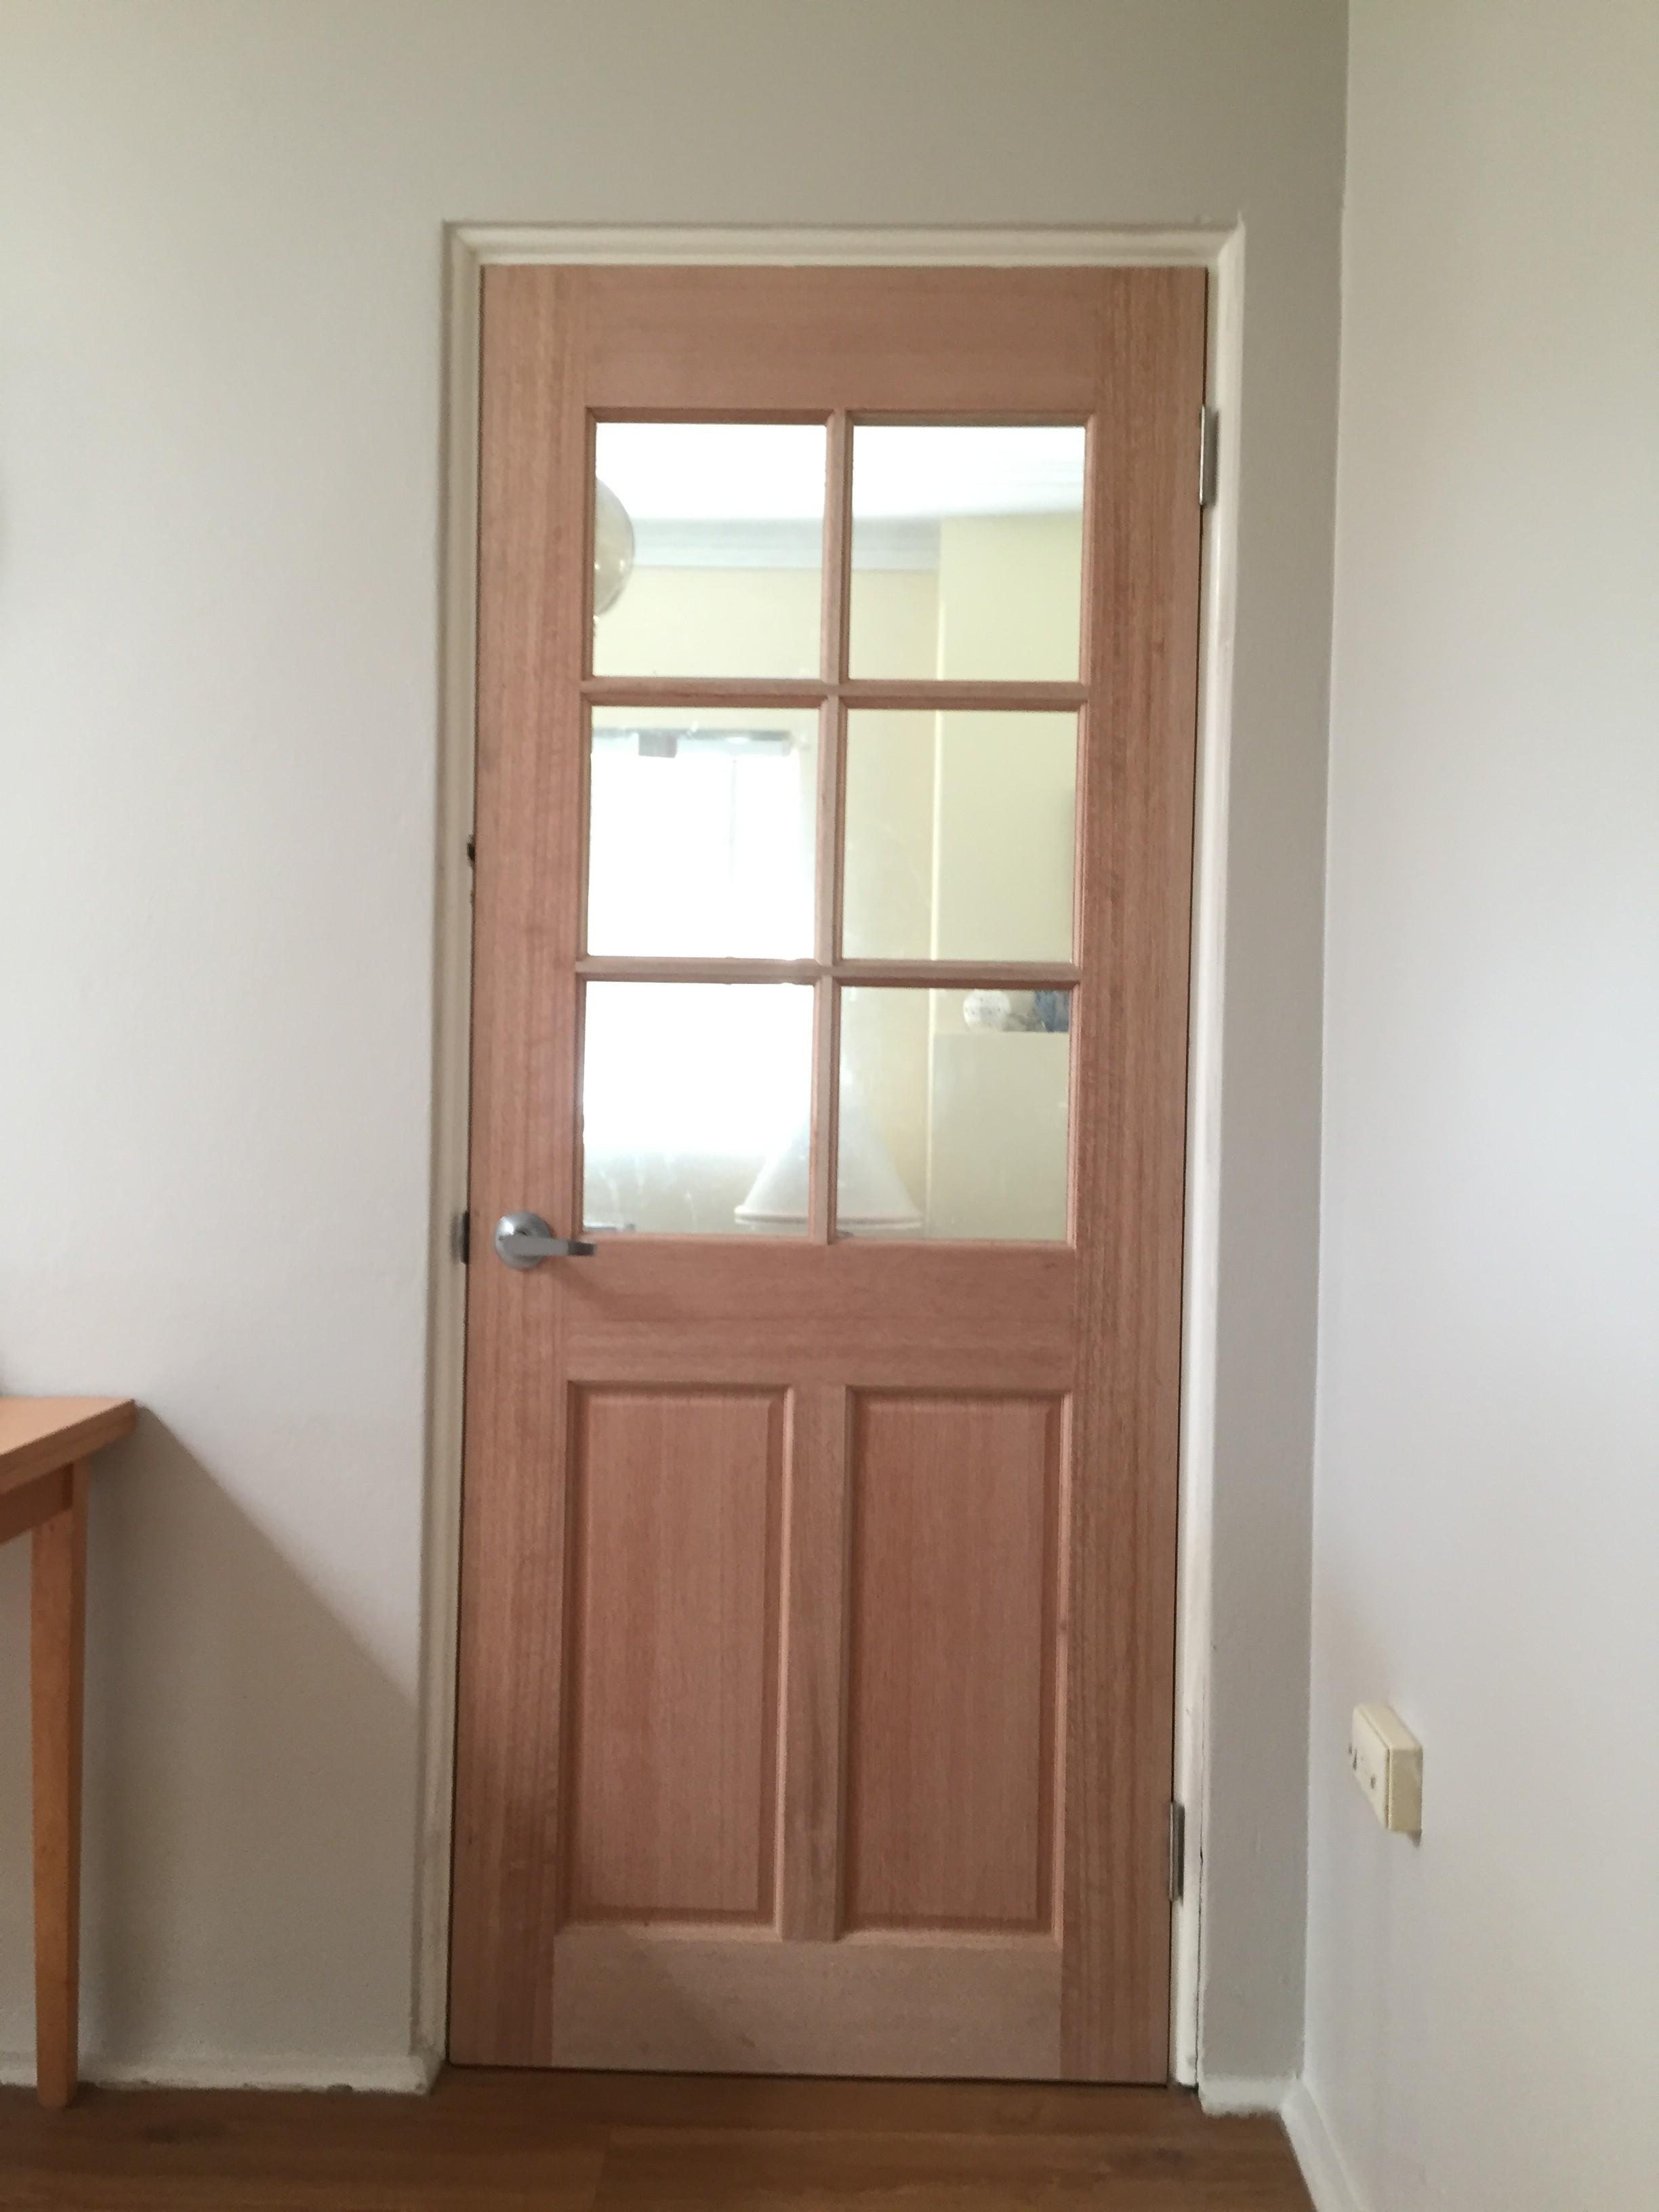 2b - 6 Light Paneled Door